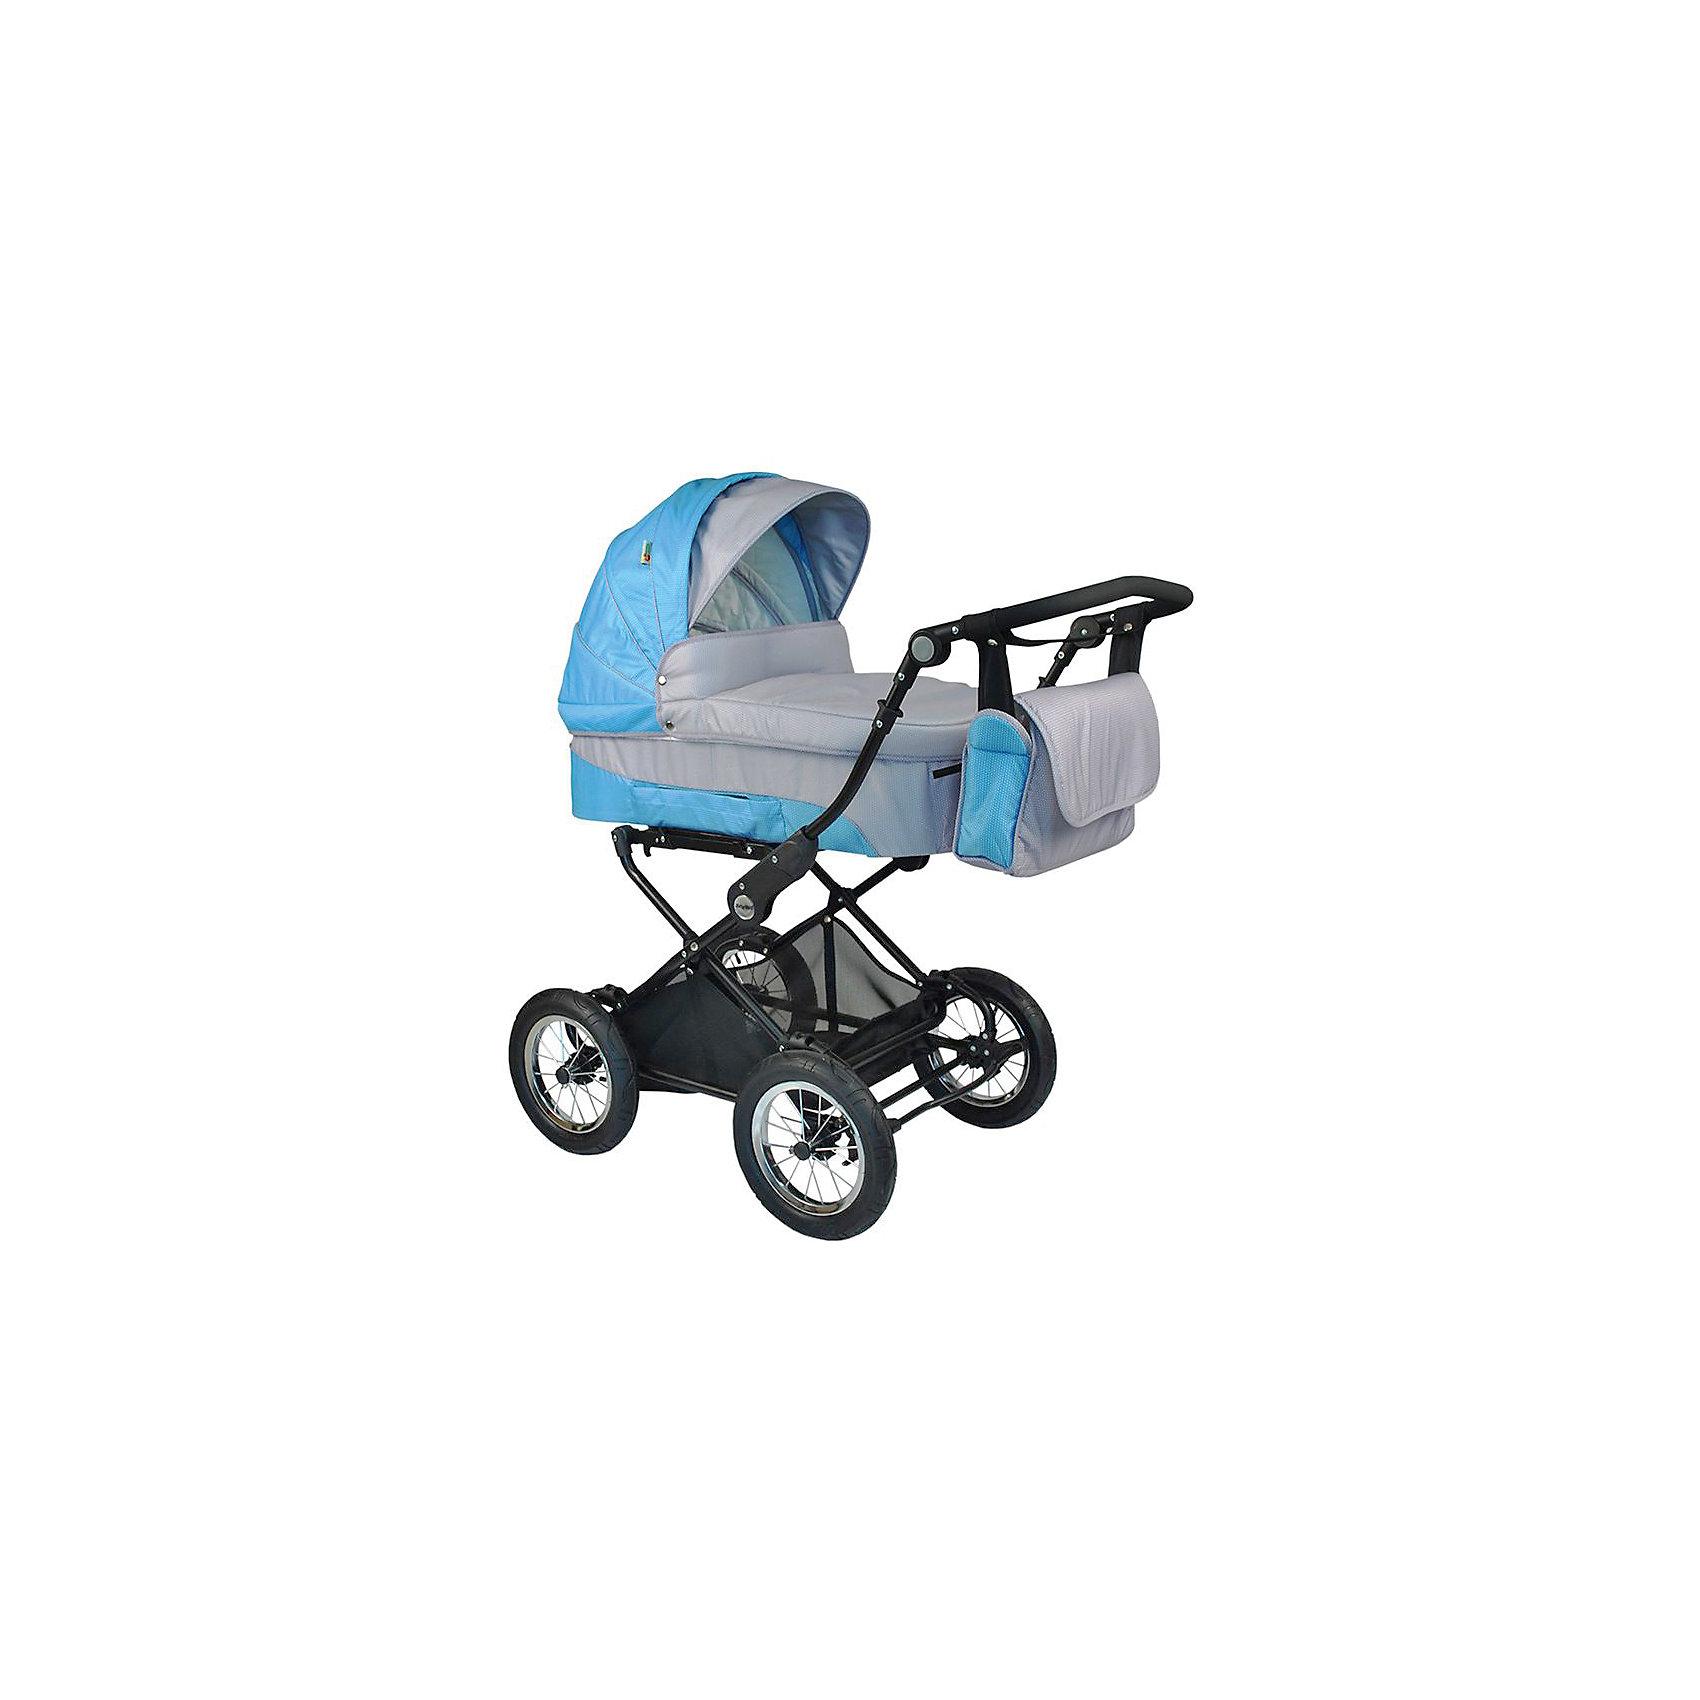 Коляска 2-в-1 EVENLY BabyHit, голубойУниверсальная коляска 2 в 1 Babyhit Evenly - достойный претендент на роль первого транспортного средства для Вашего малыша. Практичная, очень комфортная и надежная станет приятным приобретением,  как для Вас, так и для Вашего ребенка на протяжении всего срока эксплуатации.<br><br>Дополнительная информация::<br><br>Капюшон «батискаф» на люльке и прогулочном блоке<br>Регулируемая спинка прогулочного сиденья (до положения «лежа»)<br>Регулируемая по высоте ручка<br>Установка люльки и прогулочного блока в любом направлении движения<br>Ремни для переноски люльки в боковых карманах<br>Съемный поручень прогулочного сиденья с паховым ремнем<br>Колеса надувные, диаметр 30 см<br>Система амортизации на всех колесах<br>Багажная корзина<br><br>В комплекте:<br>Дождевик<br>Москитная сетка<br>Два полога<br>Сумка для мамы<br>Вес коляски с прогулочным блоком - 16,5 кг<br>Вес коляски с люлькой - 16 кг.<br>Вес прогулочного блока - 5,5 кг<br>Вес люльки - 5 кг<br>Вес рамы - 11 кг.<br><br>Коляску 2-в-1 EVENLY BabyHit, голубой можно купить в нашем магазине.<br><br>Ширина мм: 520<br>Глубина мм: 320<br>Высота мм: 850<br>Вес г: 22000<br>Цвет: голубой<br>Возраст от месяцев: 0<br>Возраст до месяцев: 36<br>Пол: Мужской<br>Возраст: Детский<br>SKU: 4640309